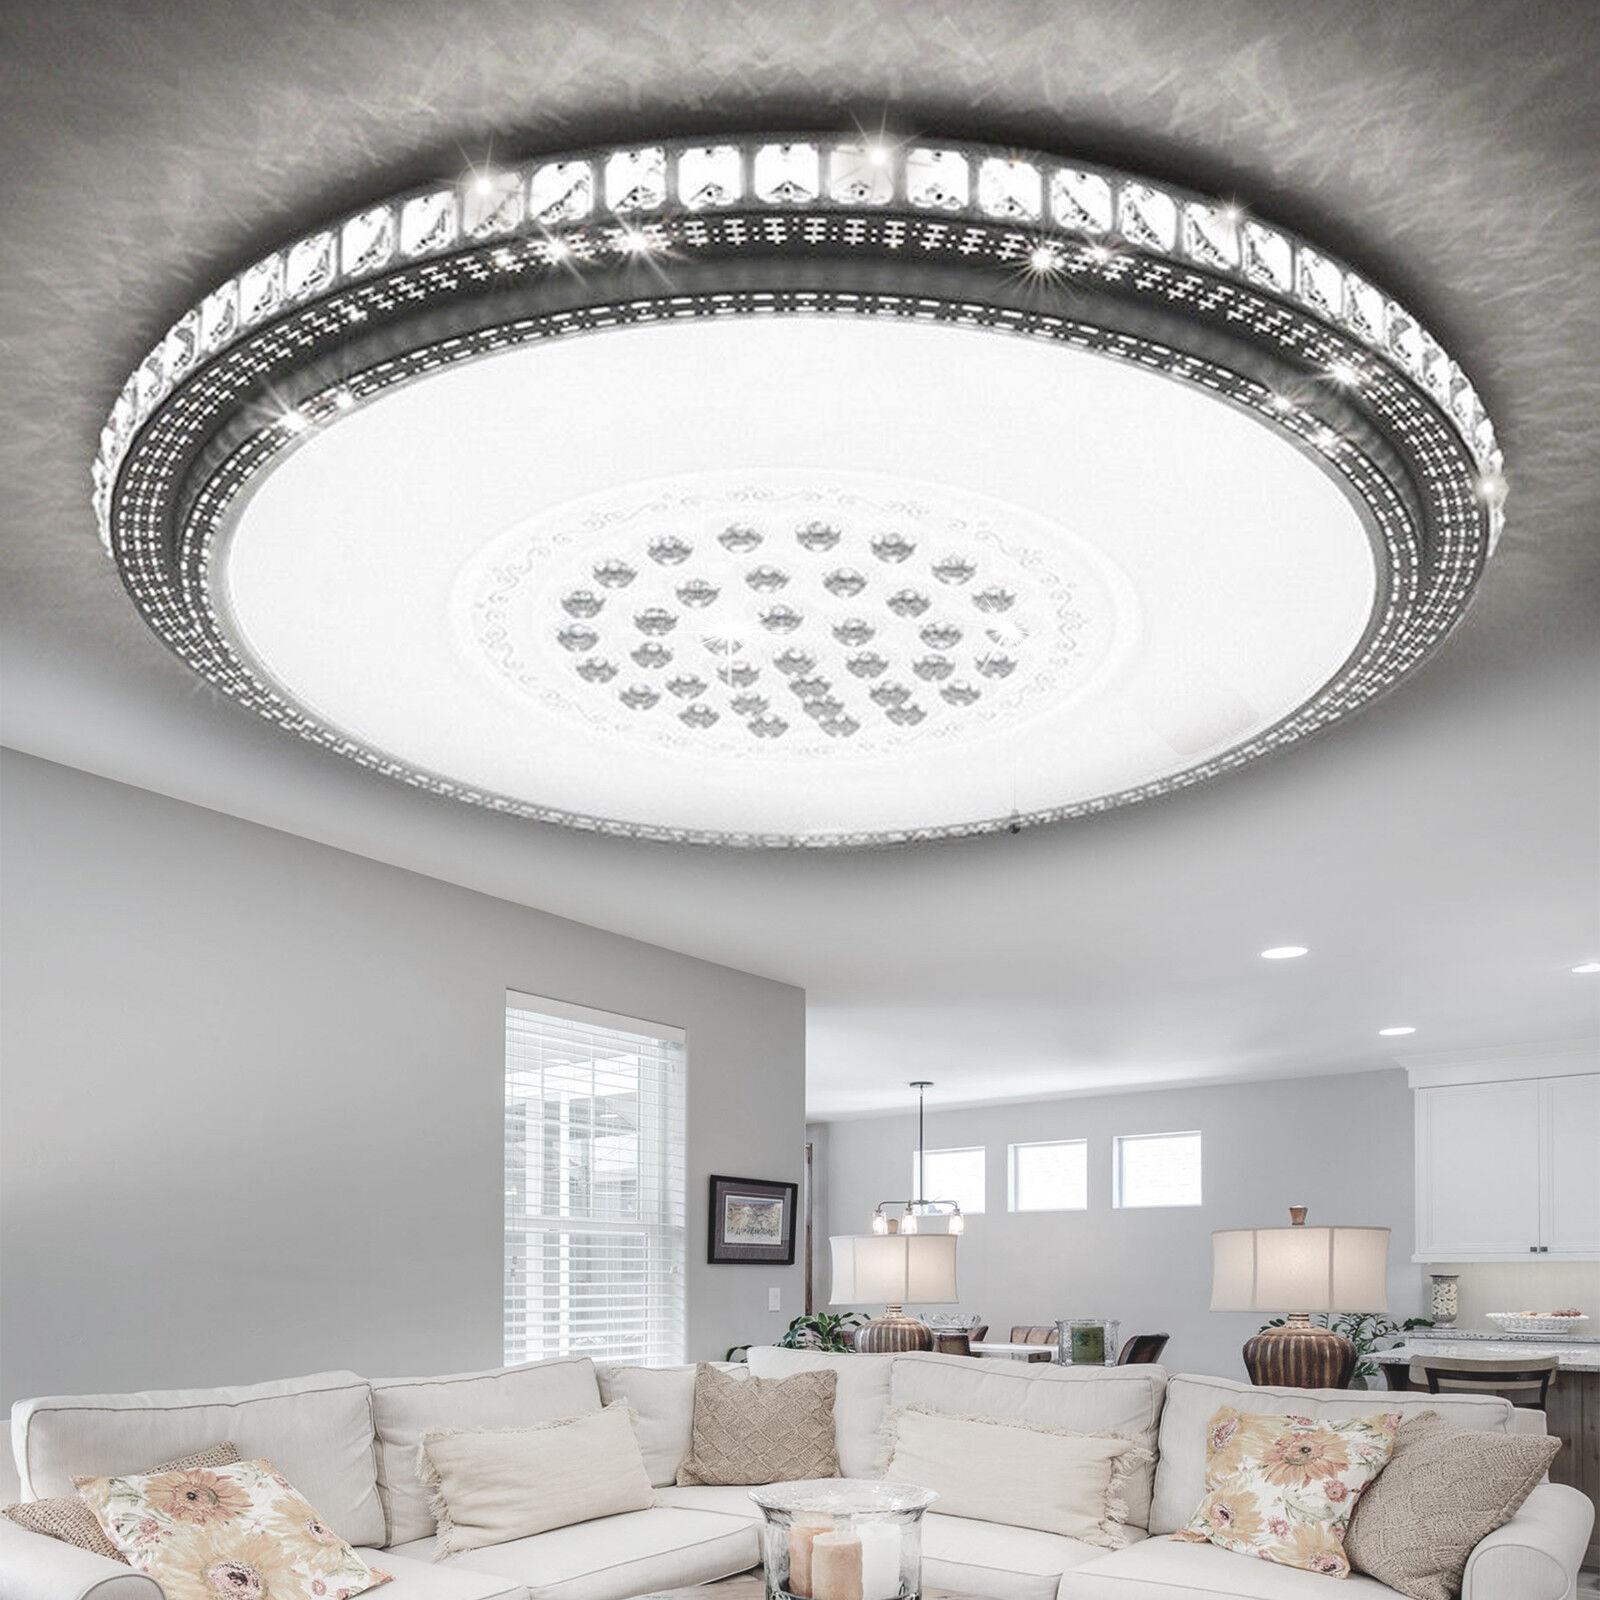 Modern 10W LED Deckenleuchte Deckenlampe Wohnzimmer Lampe